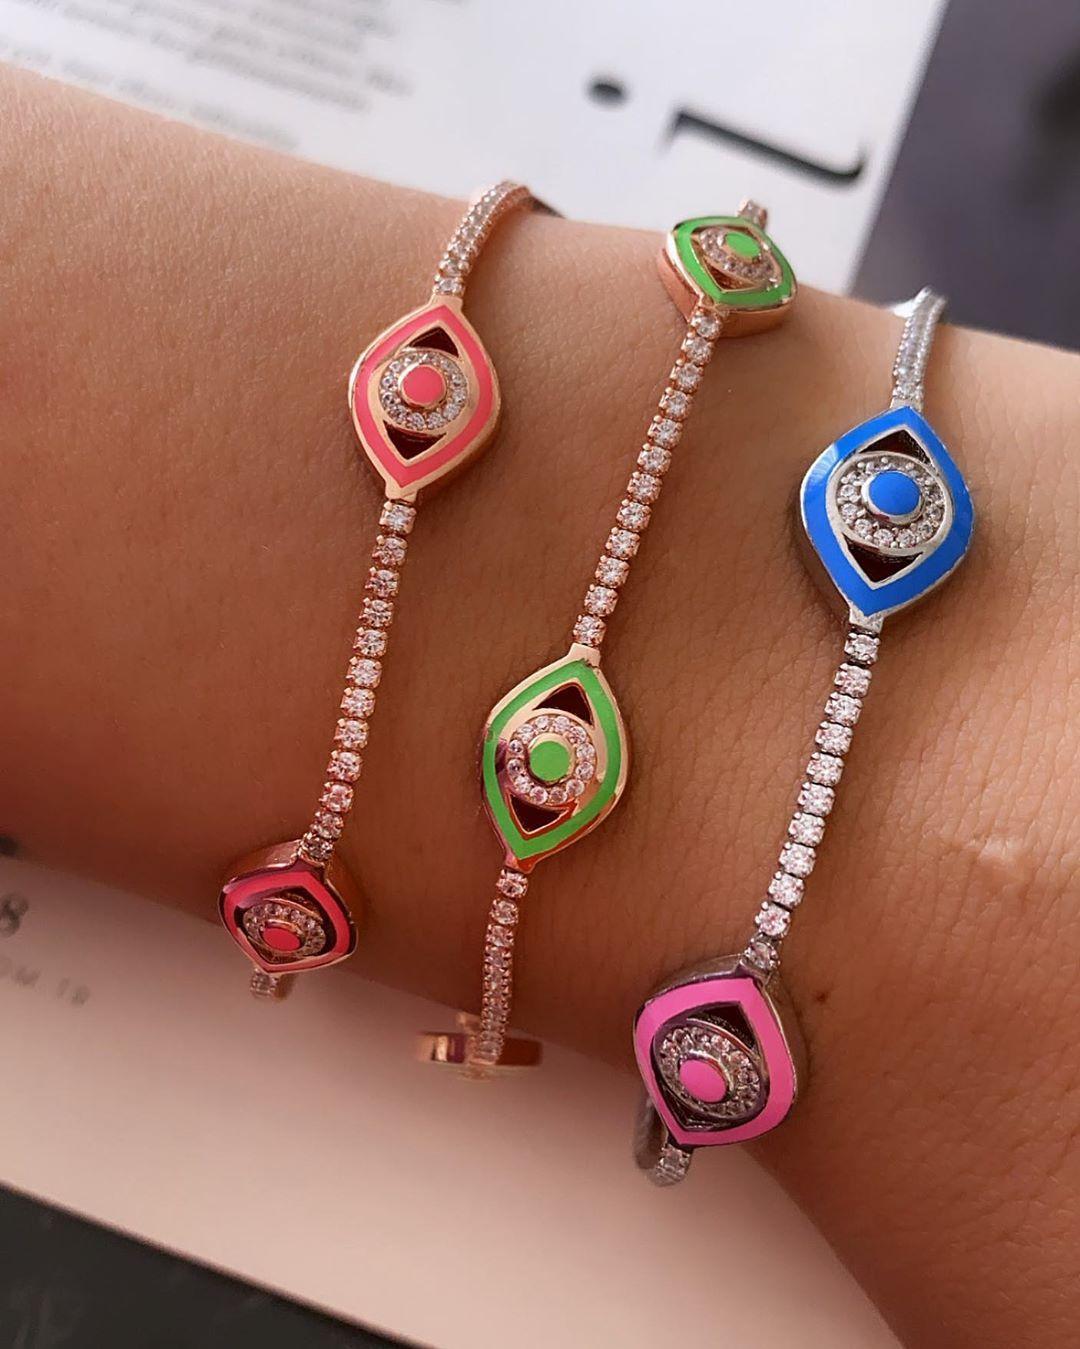 2020 Heißer Verkauf Mode Frauen Schmuck Neon Emaille Bunte Türkische Eiche Augen Charm Tennis Kette Eye Armband Y1119